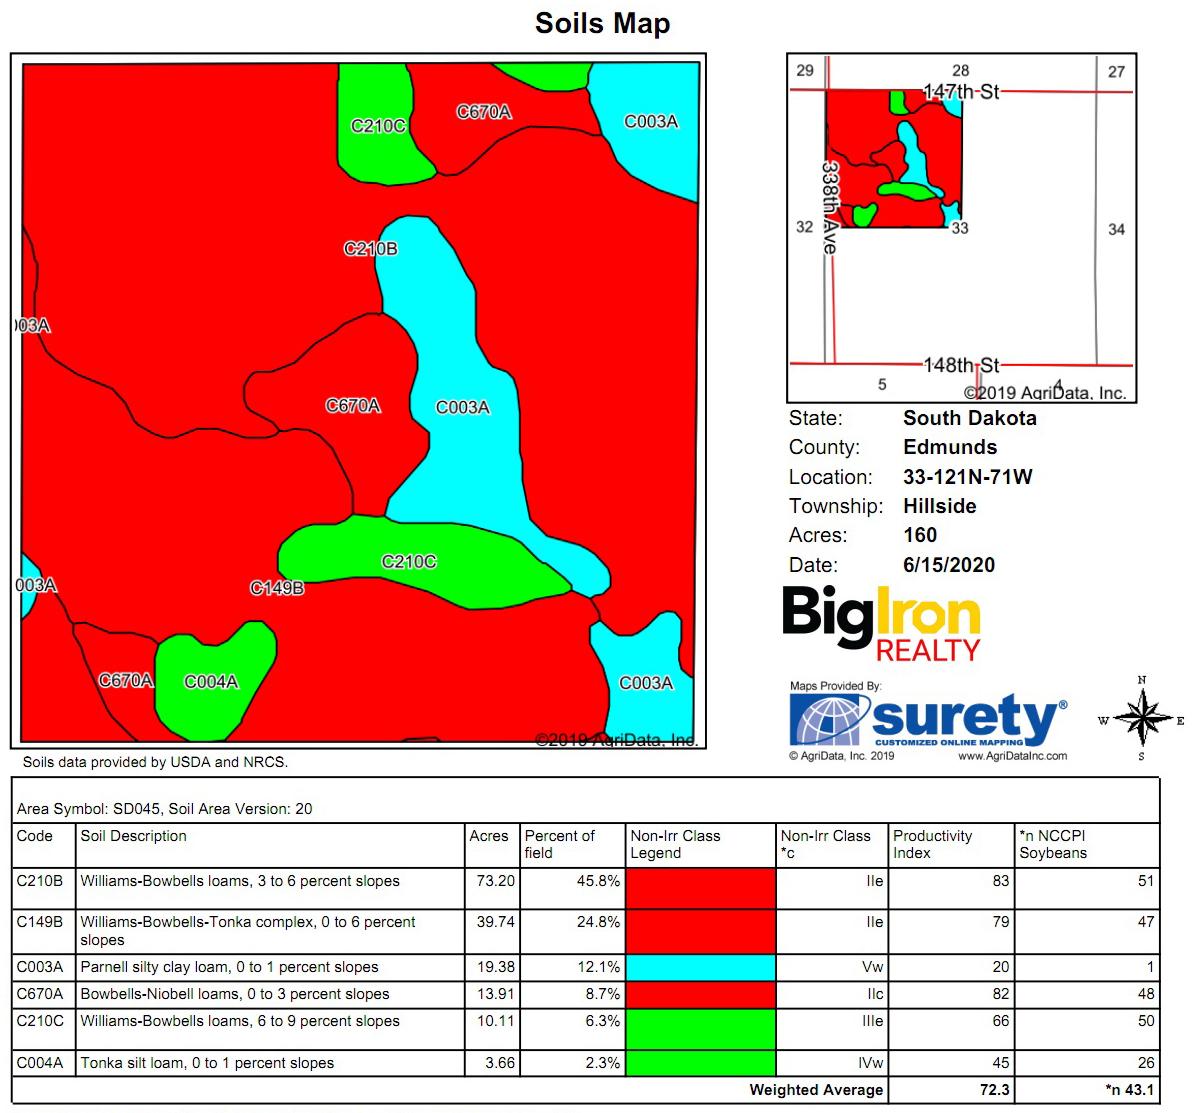 Soil Map-7-BIR1051